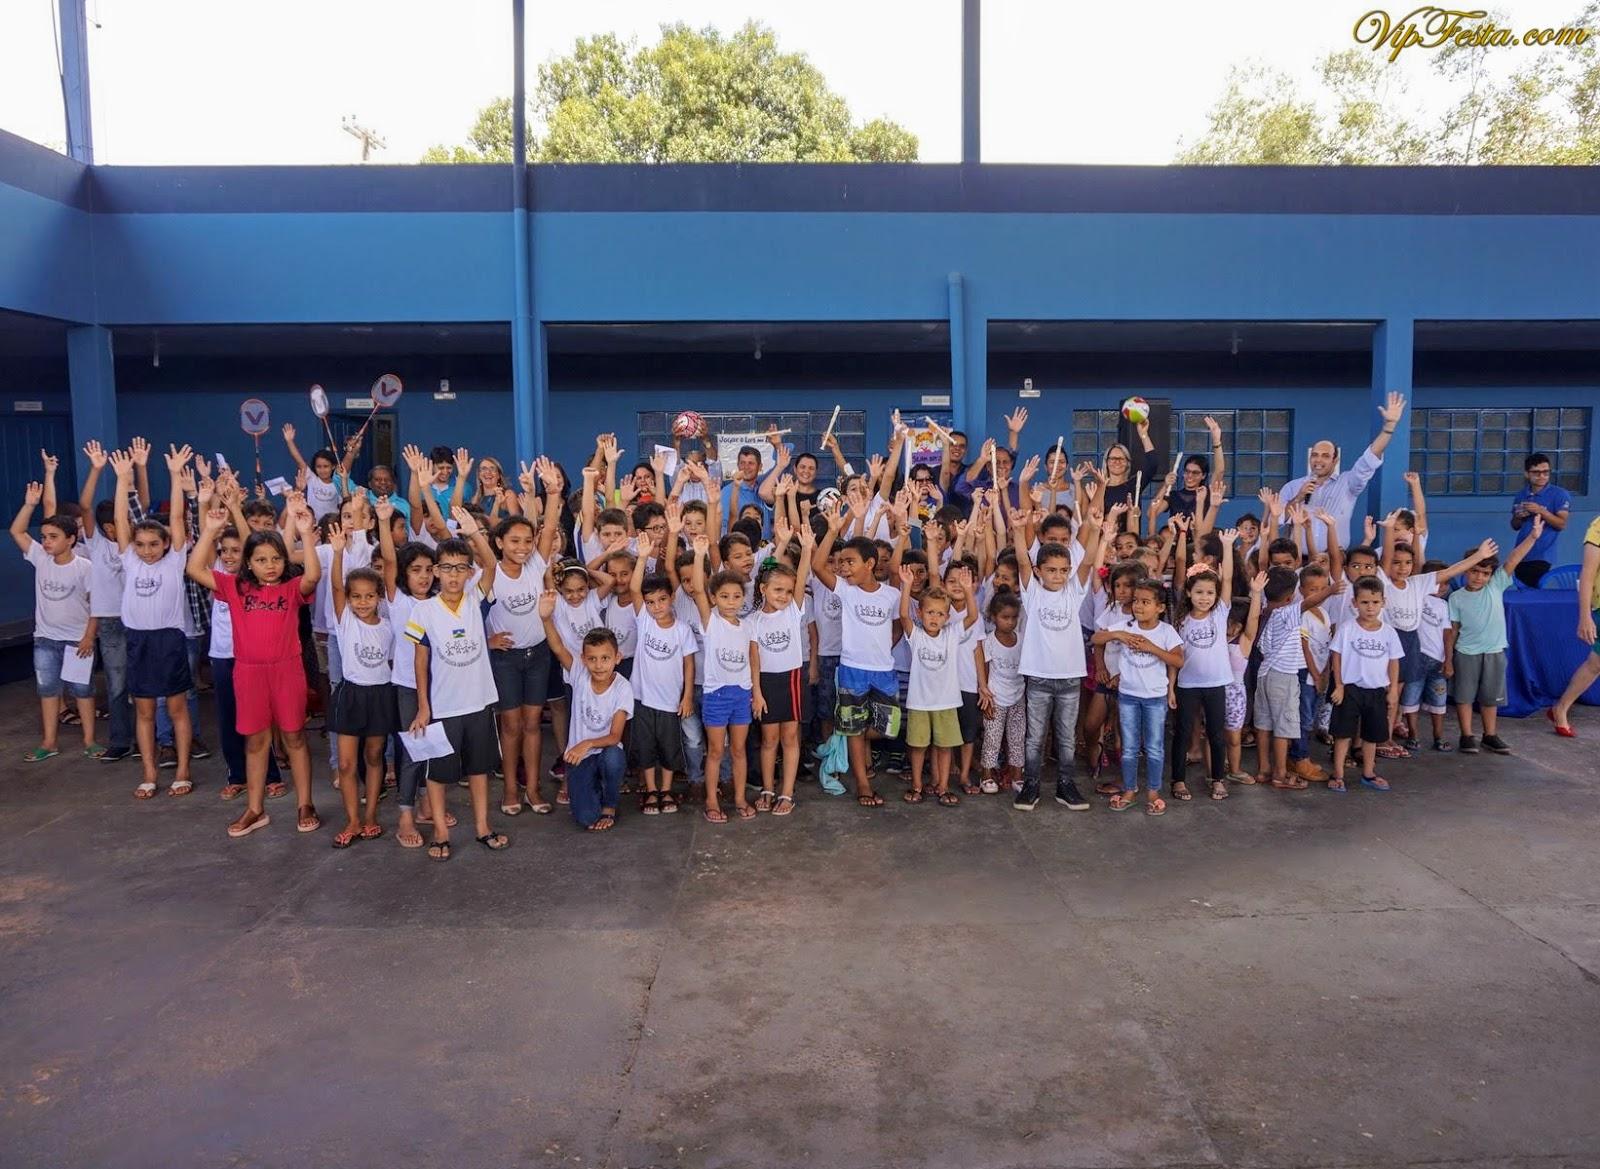 c92925fa5 Entrega para escolas de material esportivo e kits musicais pela ...